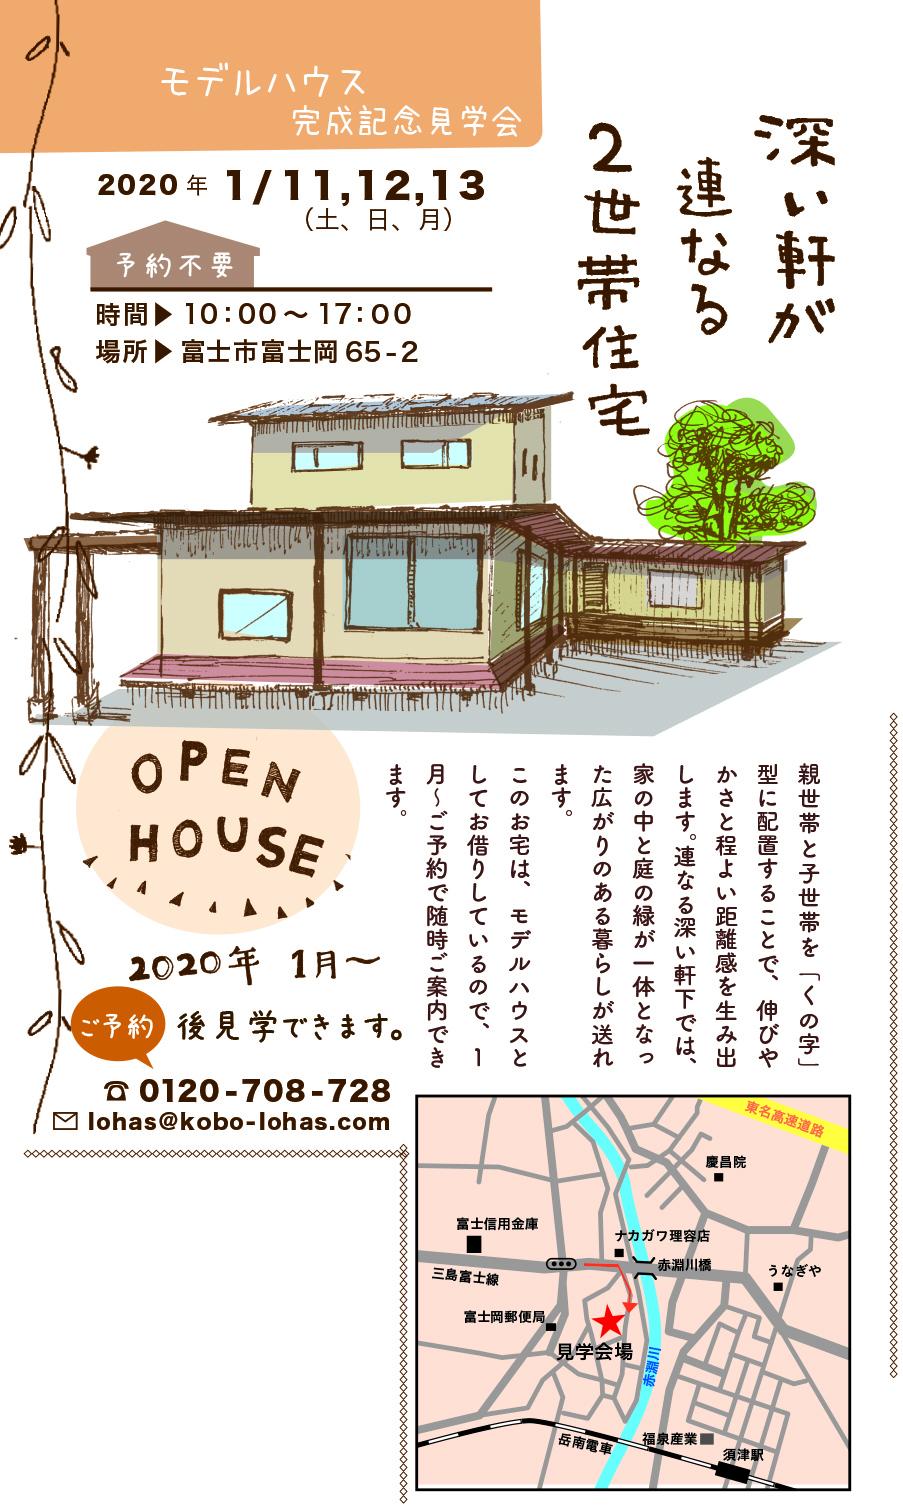 富士市モデルルーム見学会